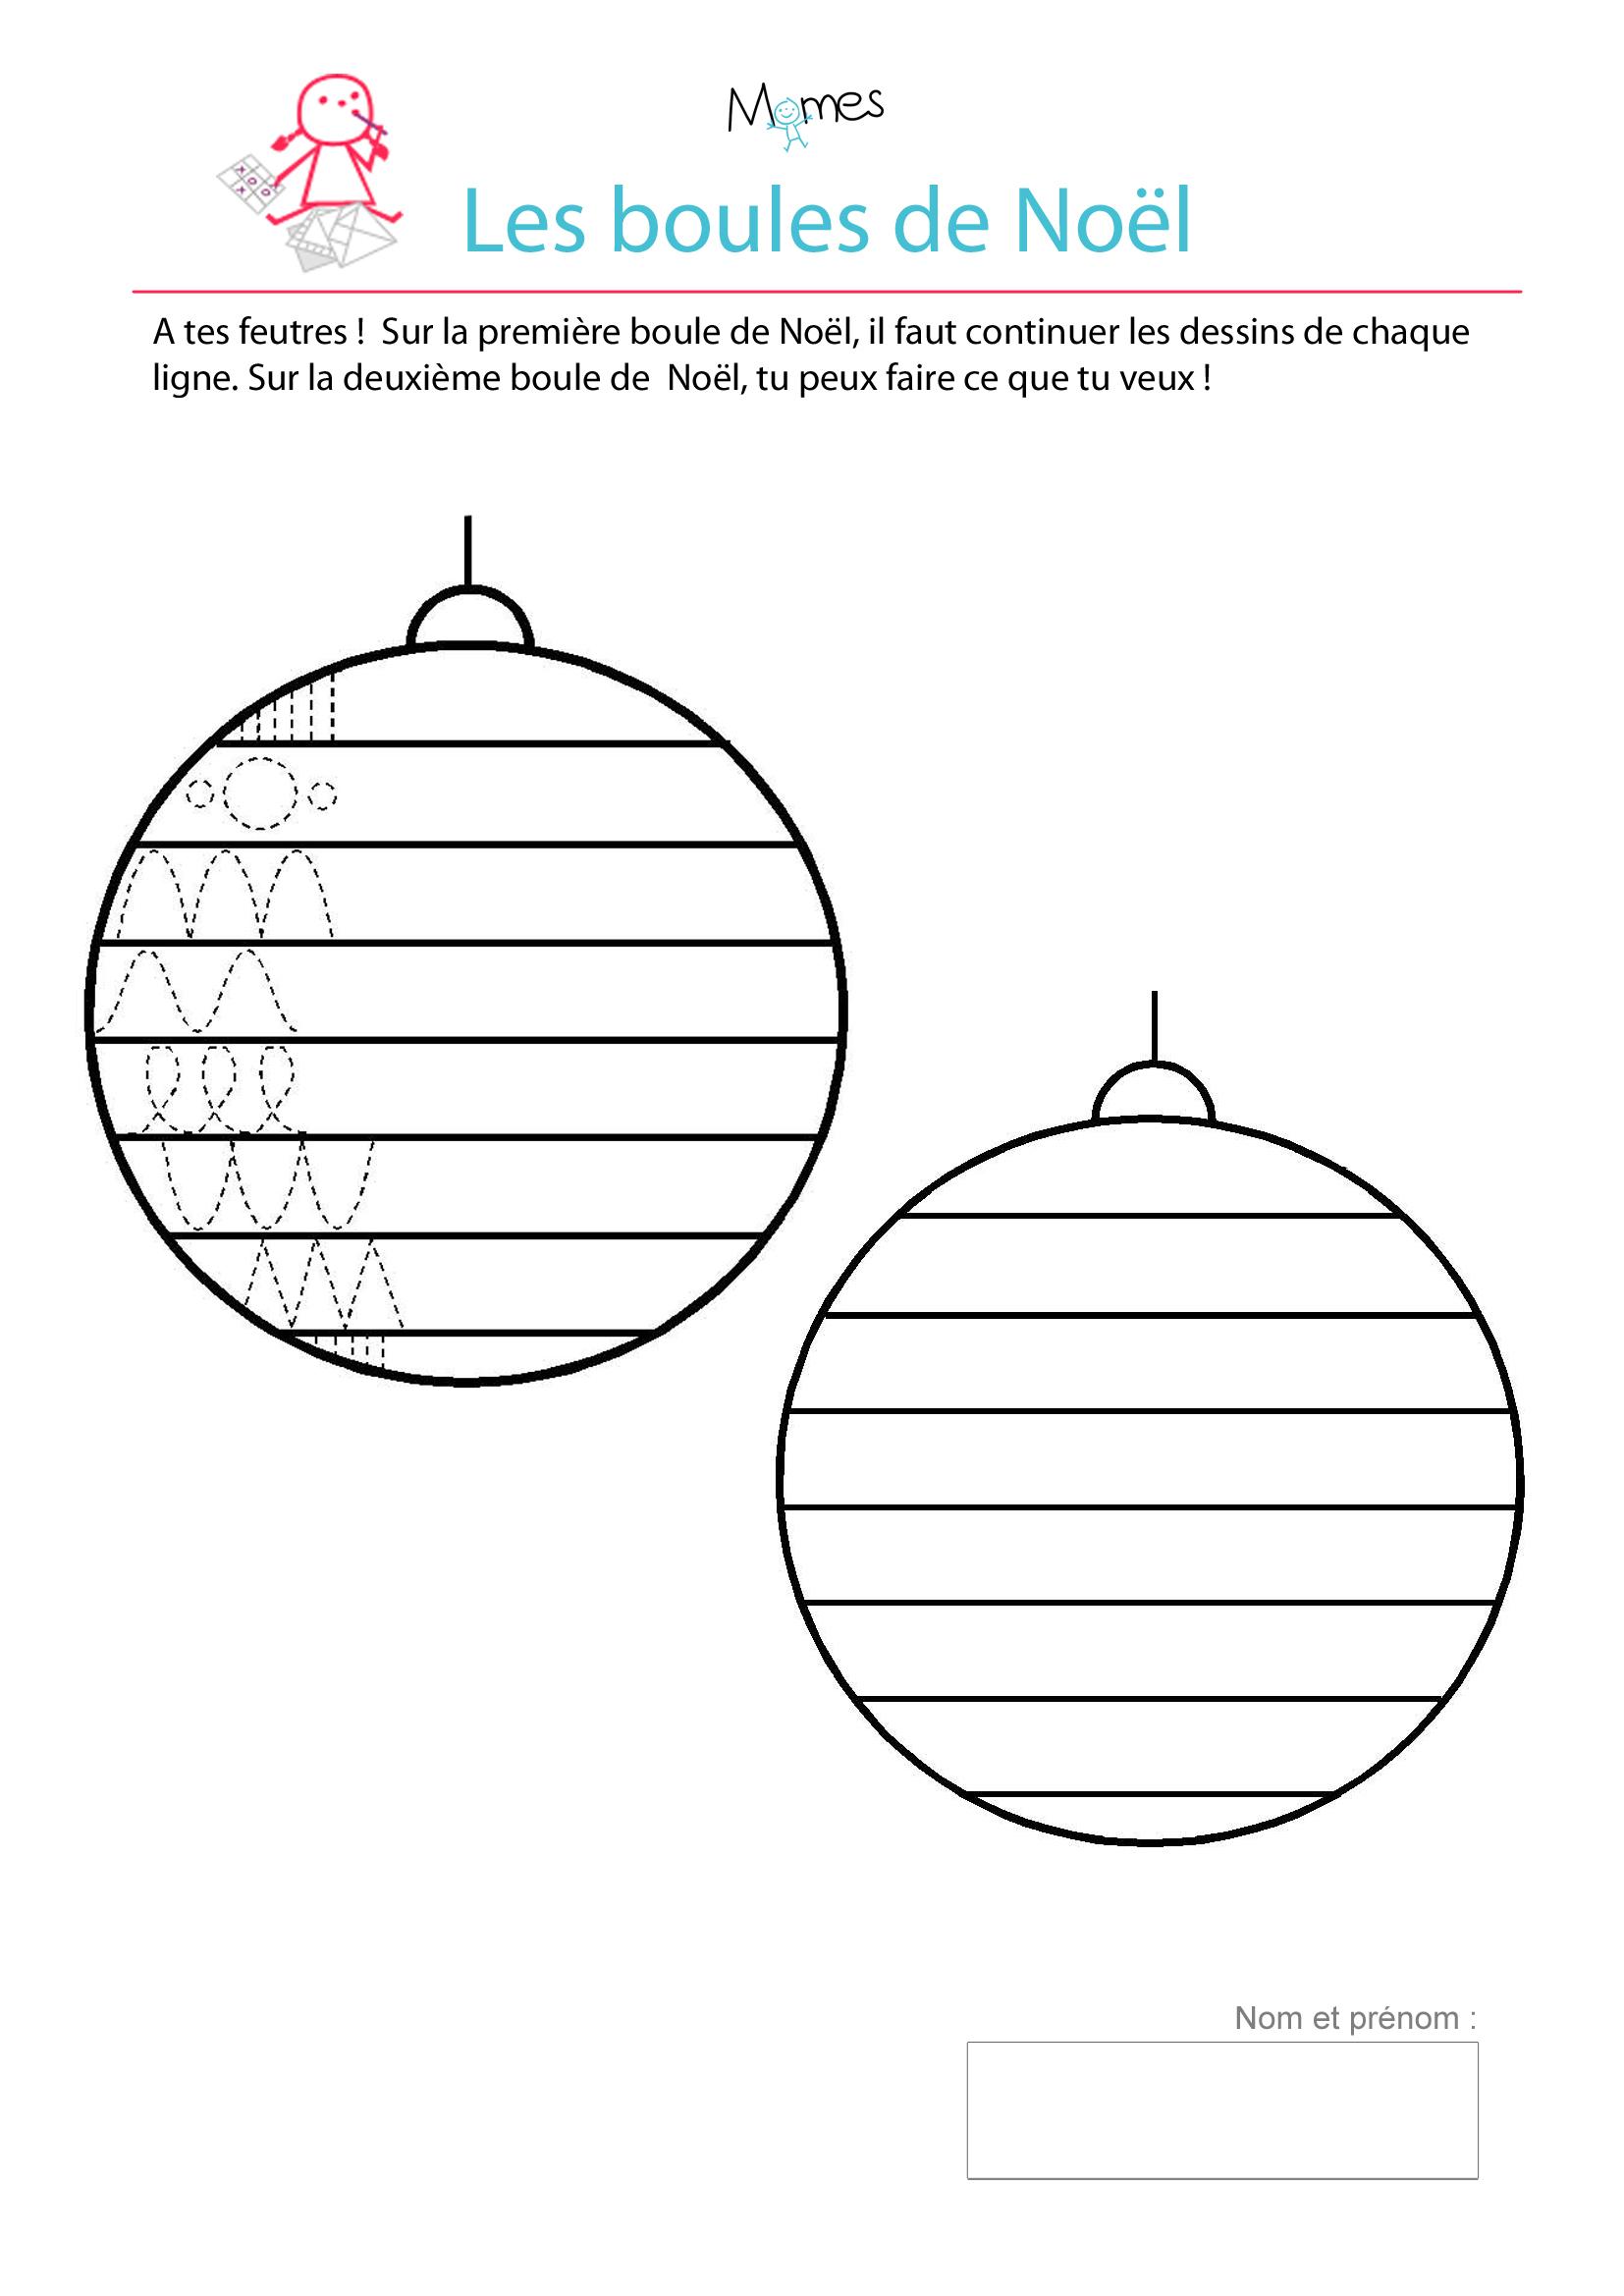 Décore Les Boules De Noël - Exercice De Tracé - Momes intérieur Exercice Grande Section En Ligne